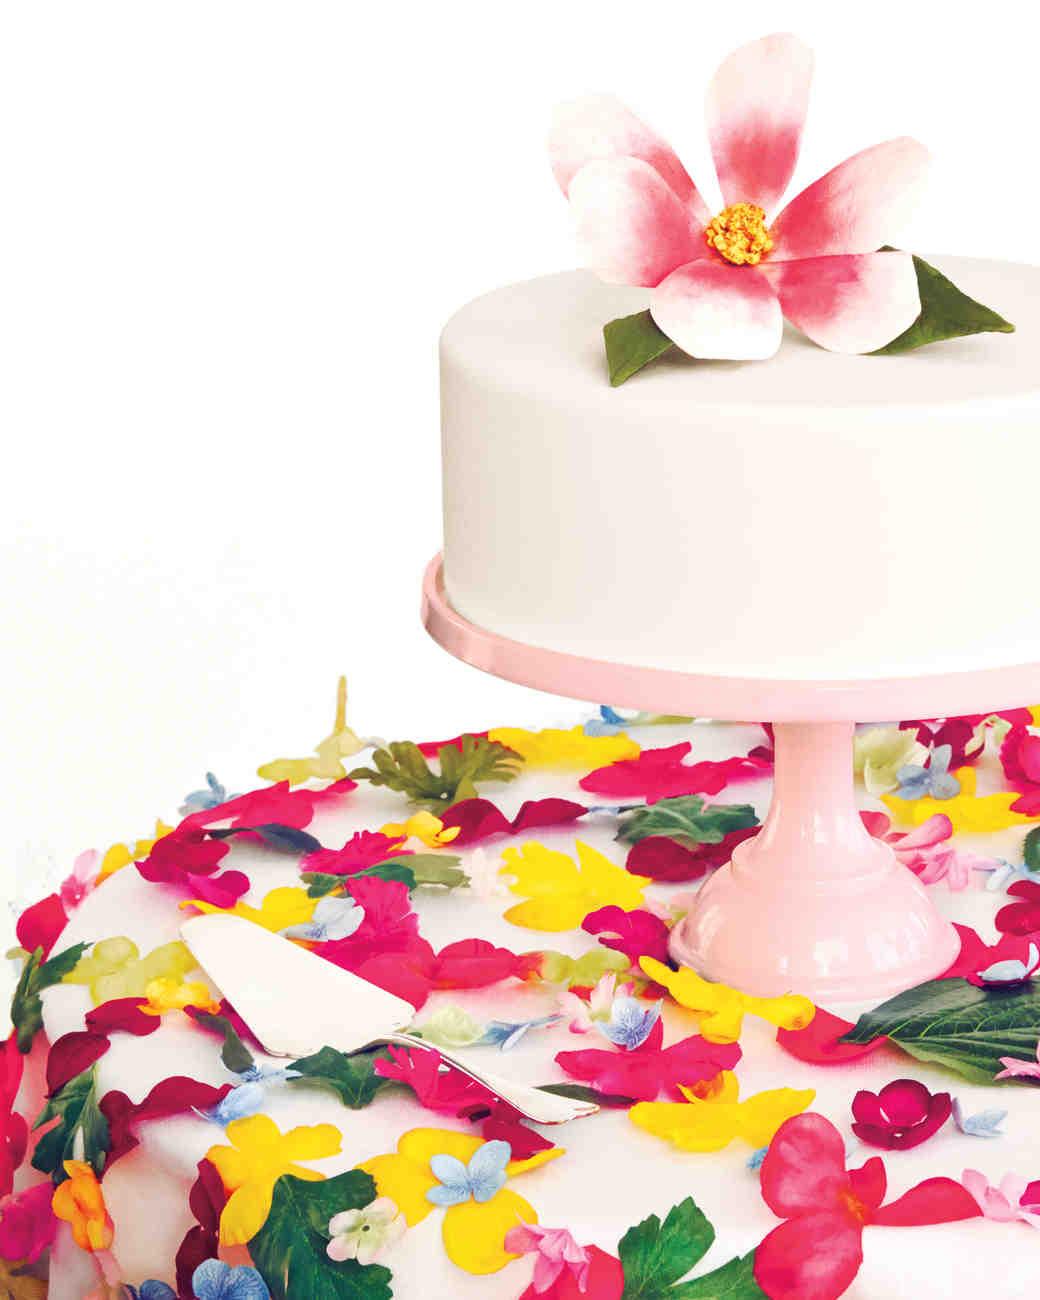 white-cake-flower-0030-d111716.jpg